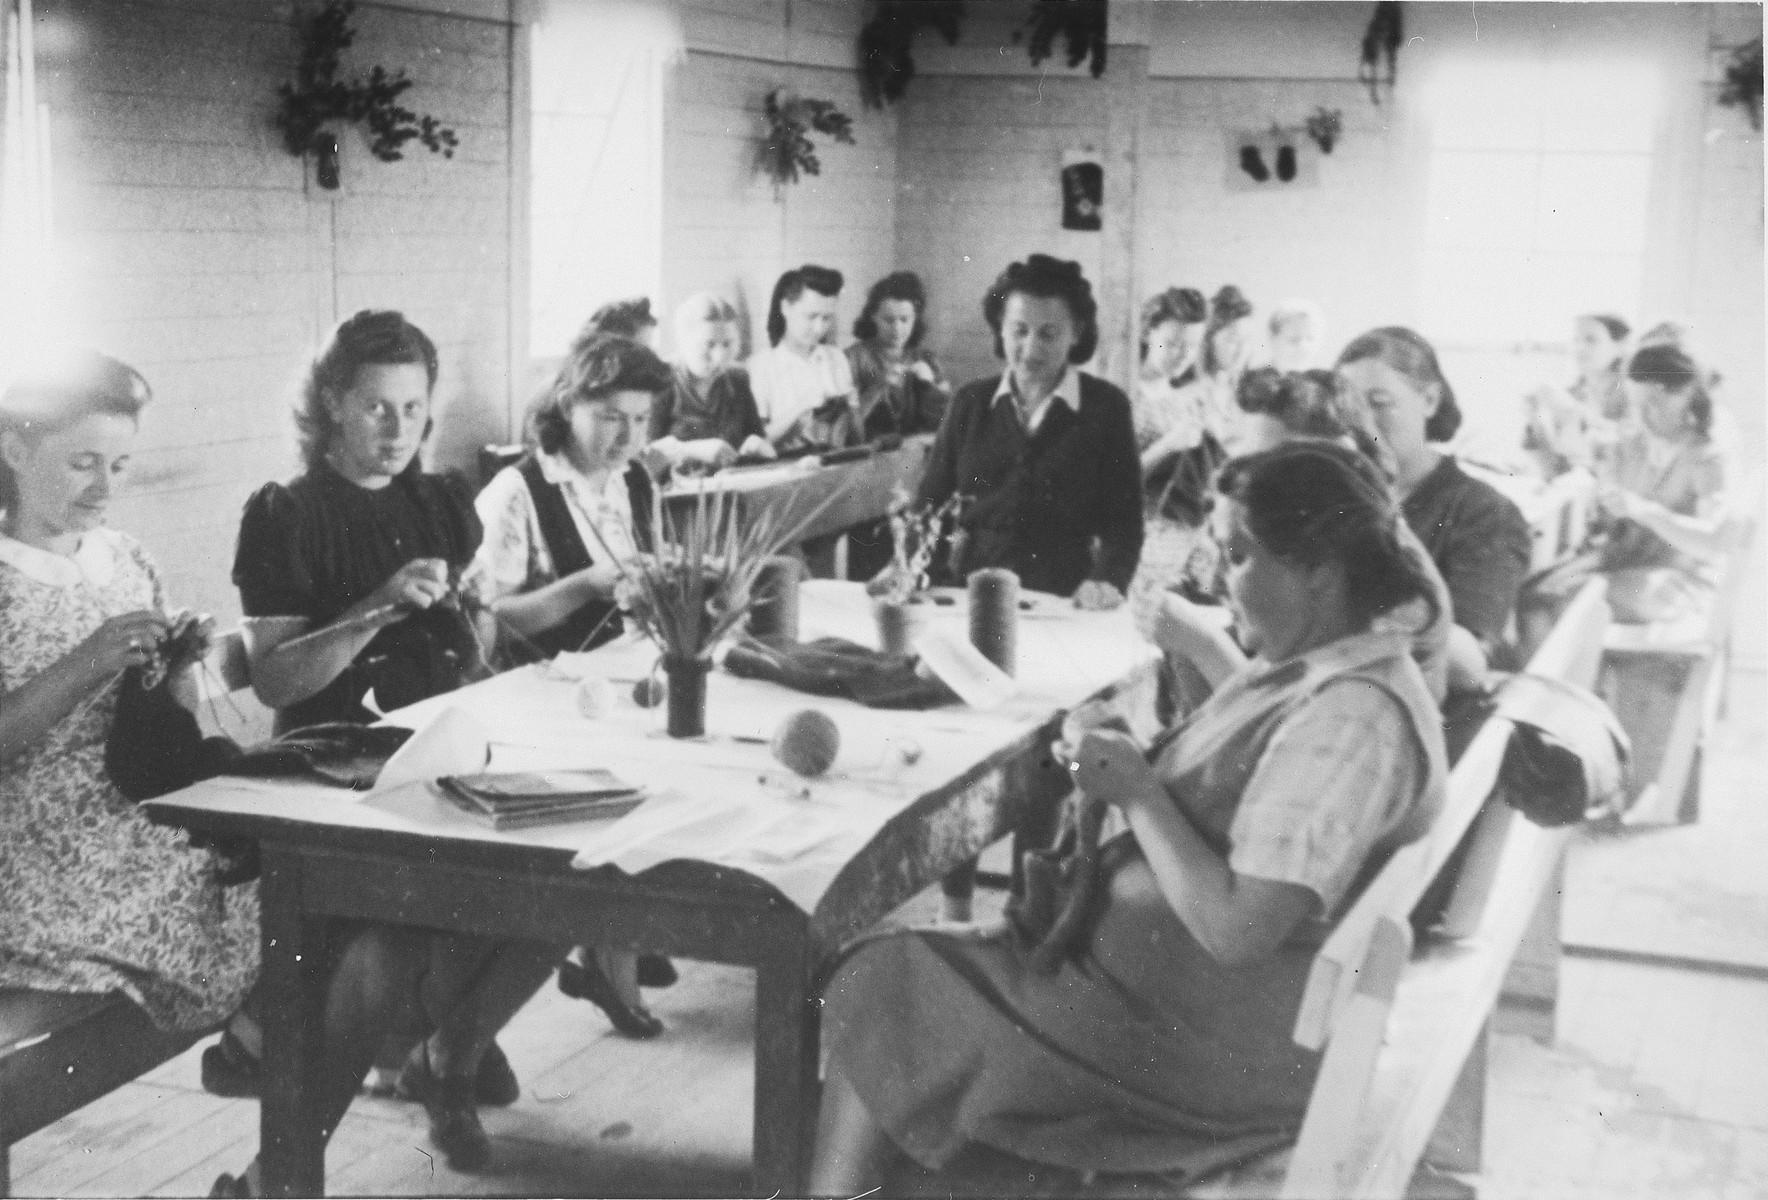 Women practice knitting in an ORT vocational school in Neu-Ulm.